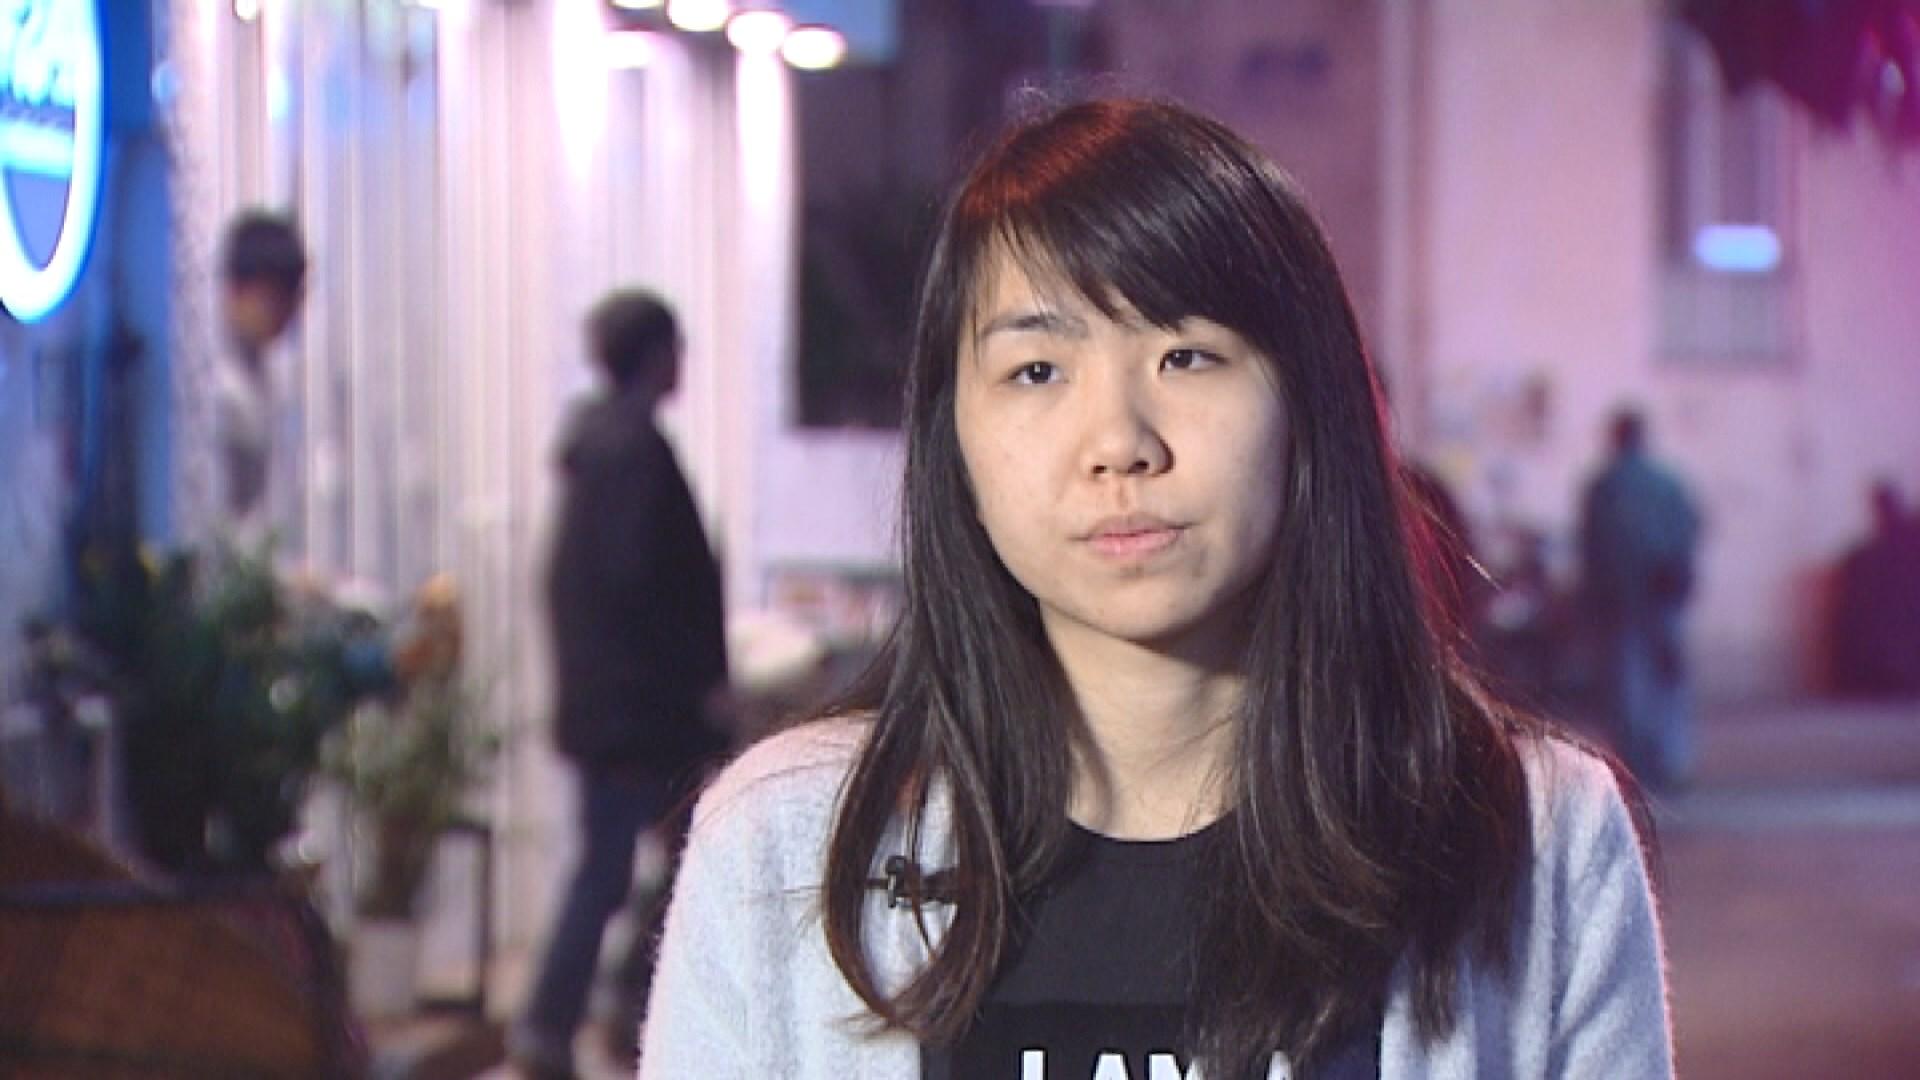 港大學生會前會長孫曉嵐涉逗留會議廳被捕